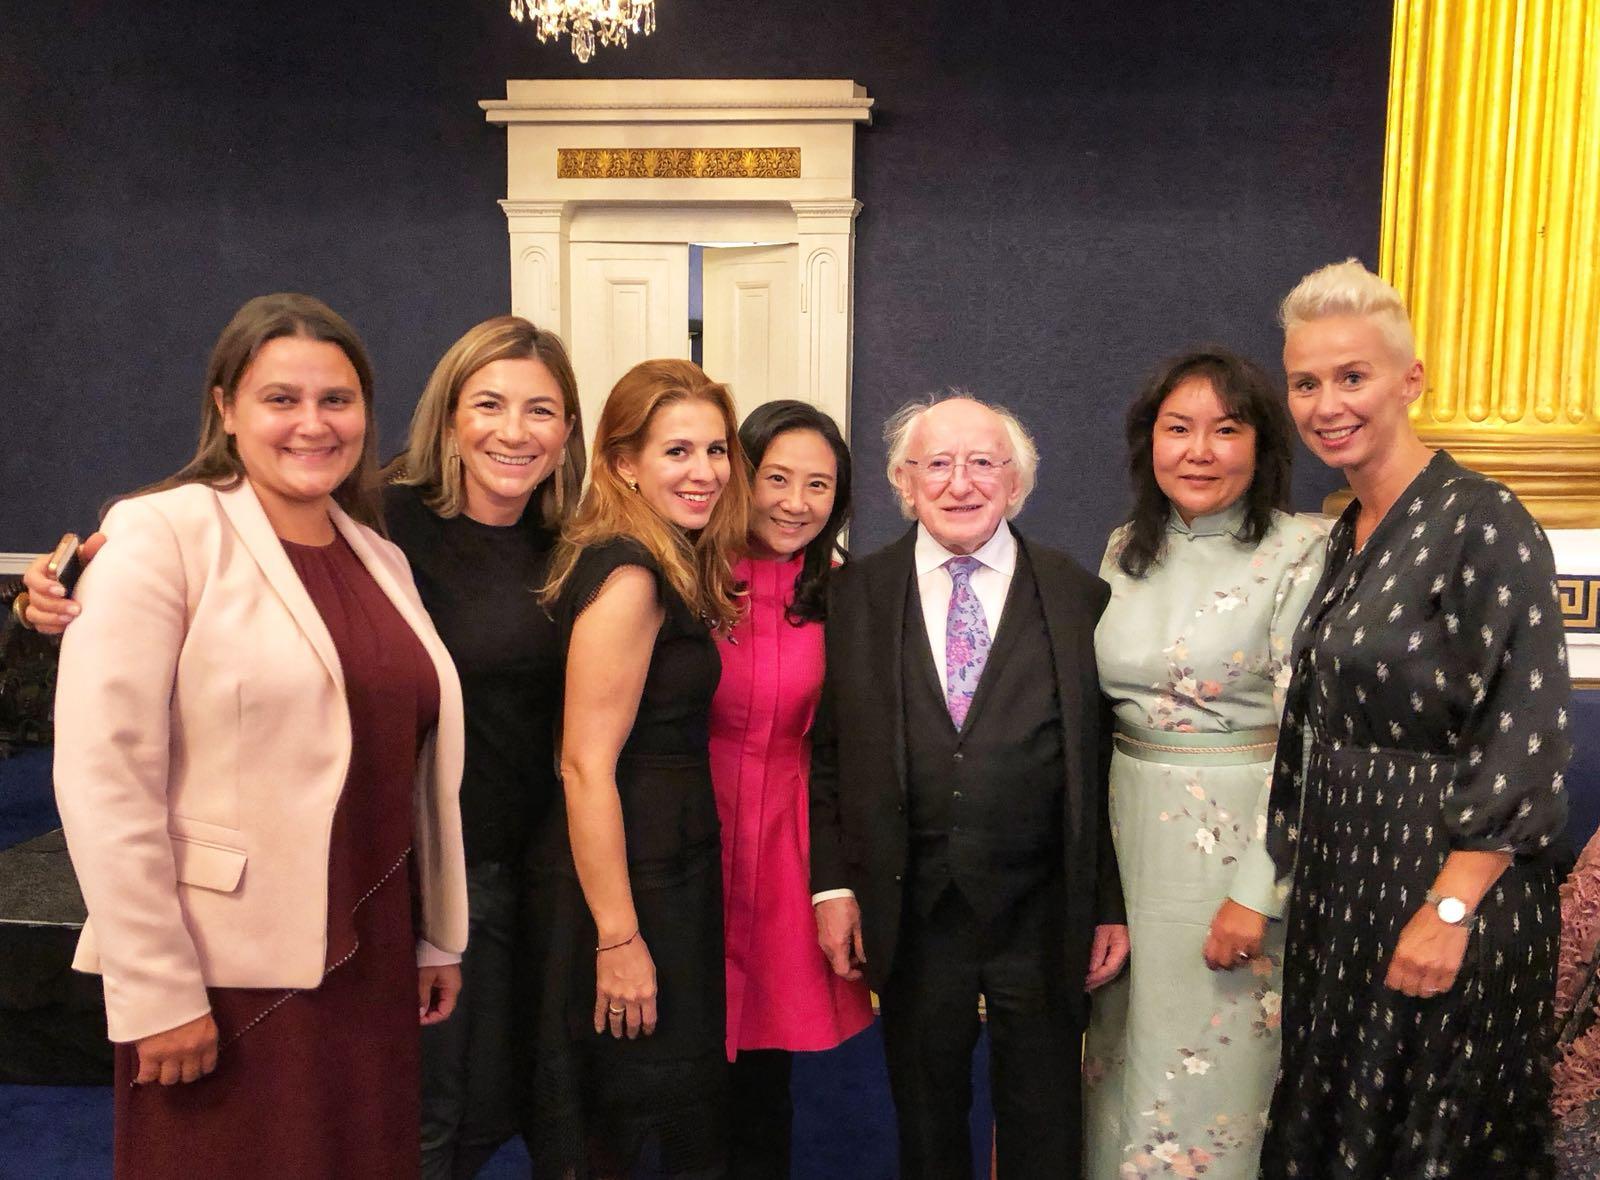 葛珮帆(左四)出席由愛爾蘭國會女議員團舉辦的第一屆國際國會女議員大會。